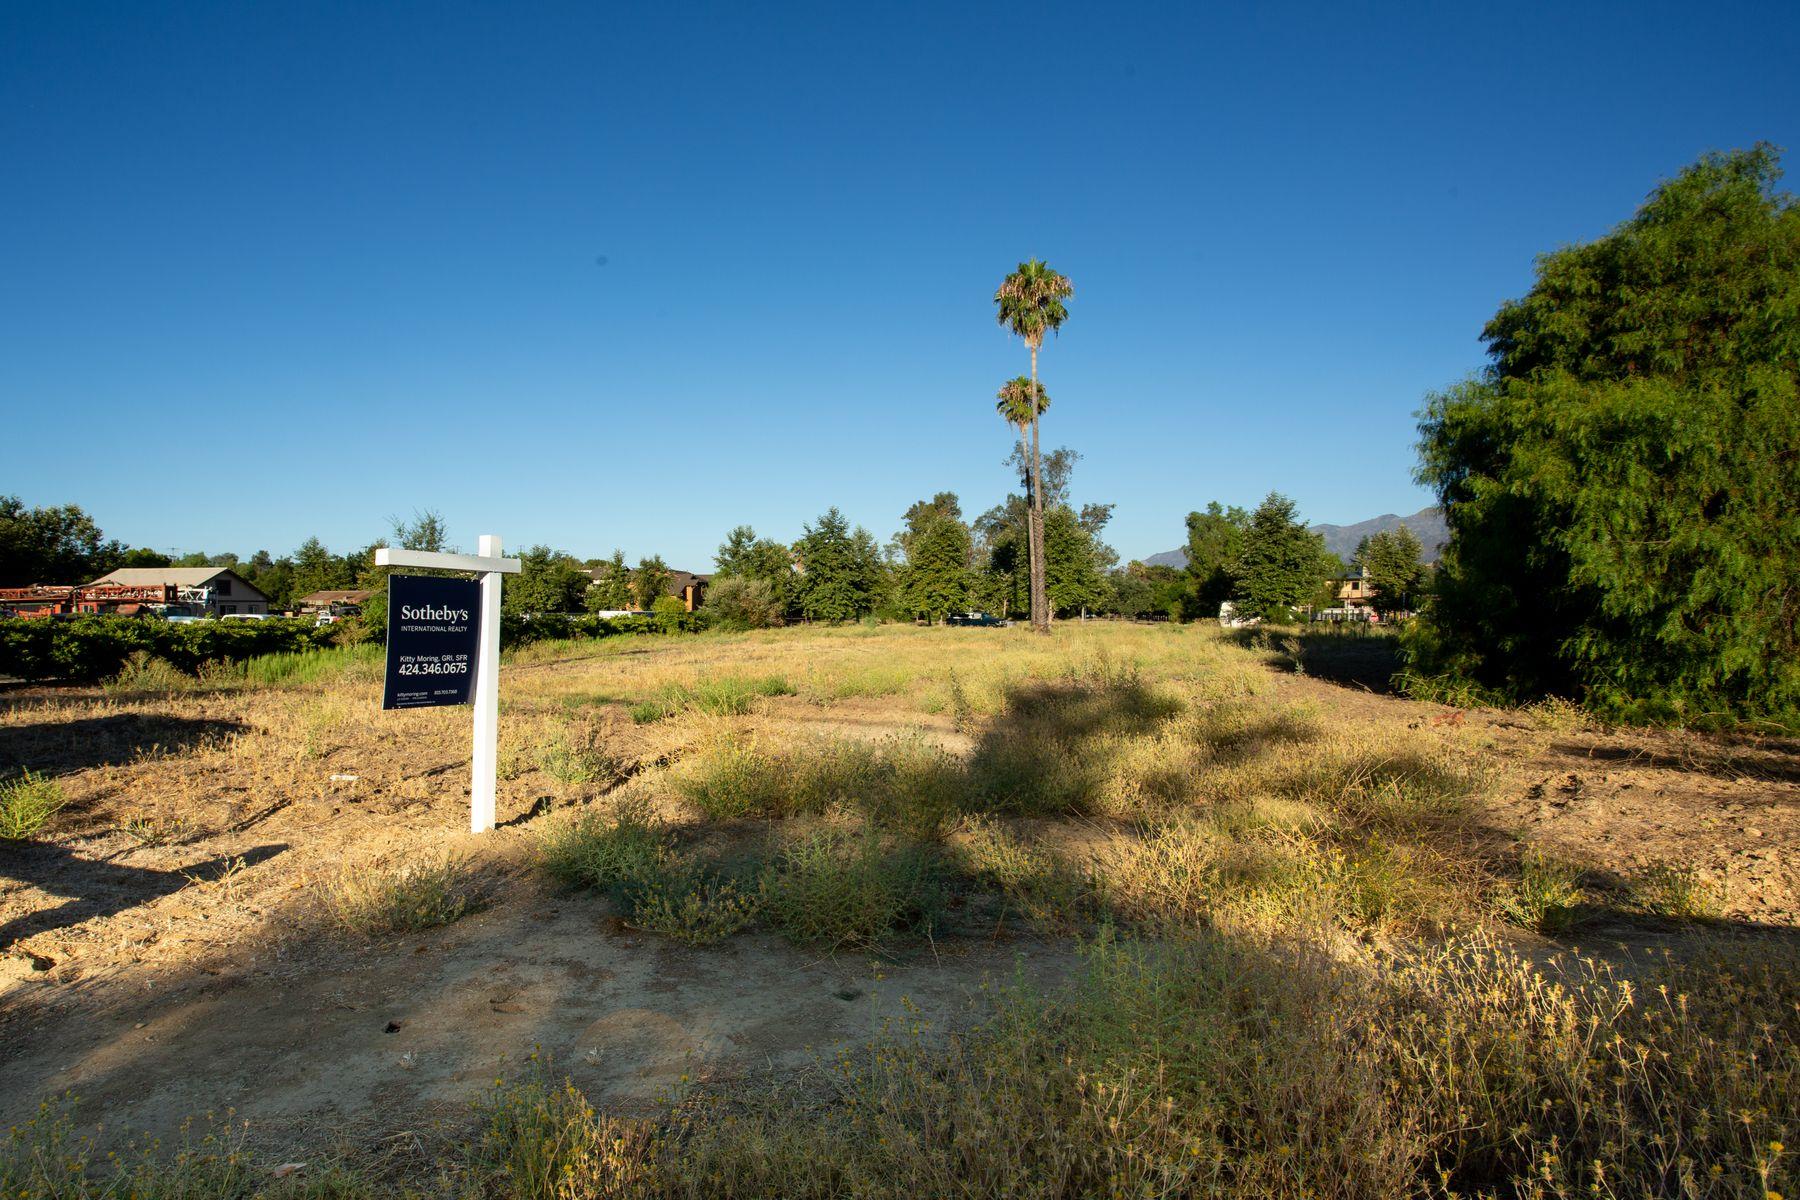 土地,用地 为 销售 在 1.4 acres Prime Development Site 323 Bryant Street 奥海镇, 加利福尼亚州 93023 美国